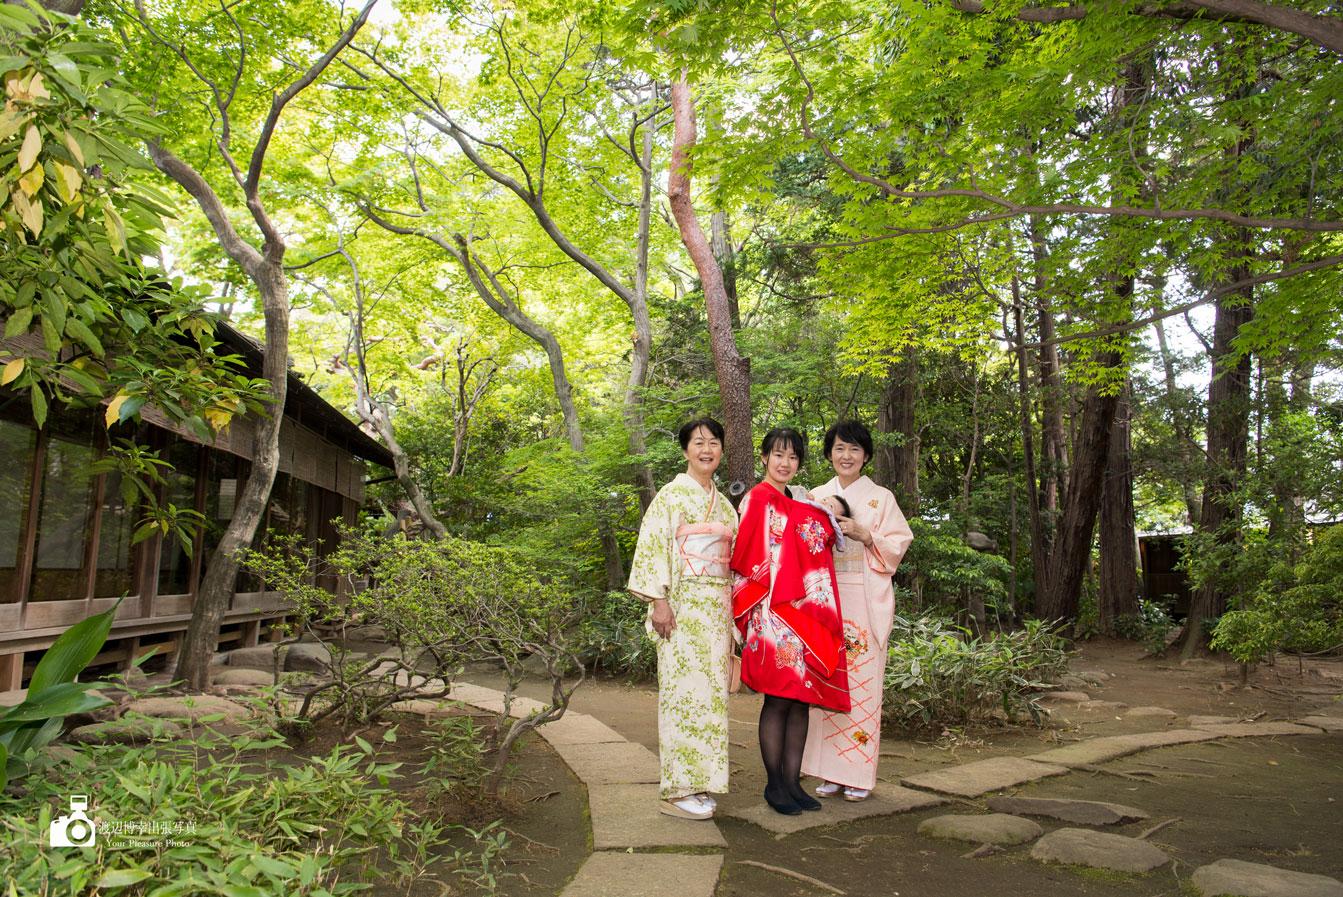 料亭の庭で写真に写る3人の女性